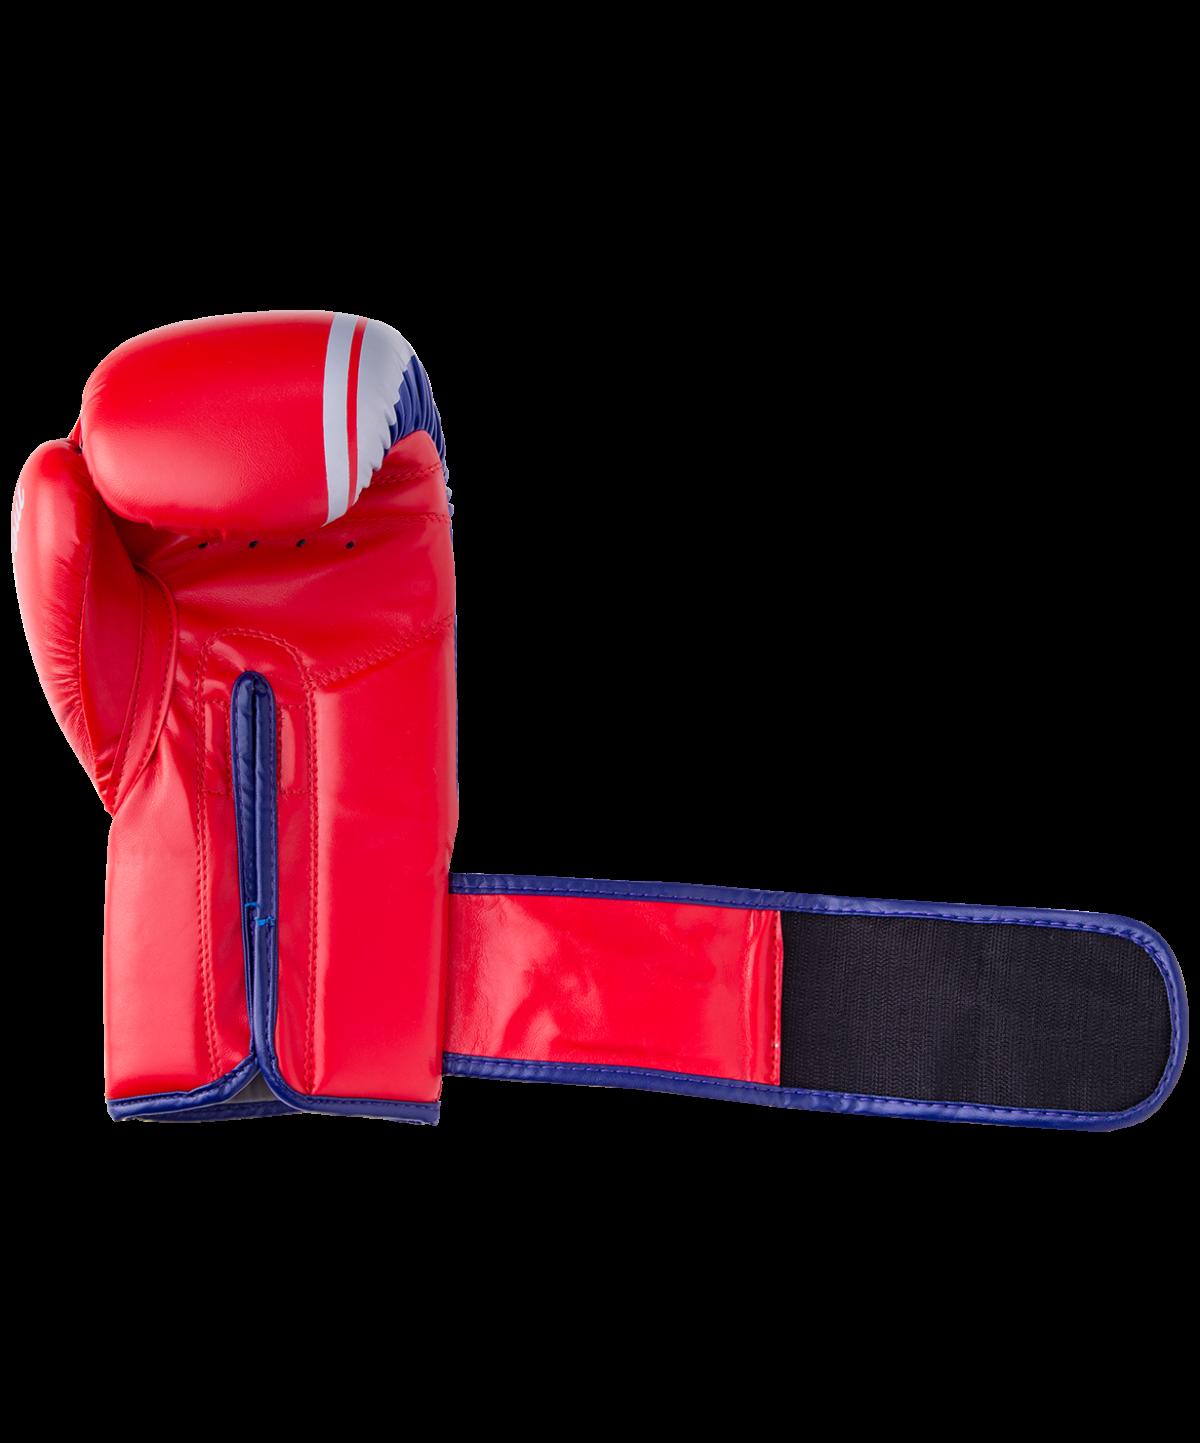 GREEN HILL Перчатки боксерские 10 oz Knockout  BGK-2266 - 5